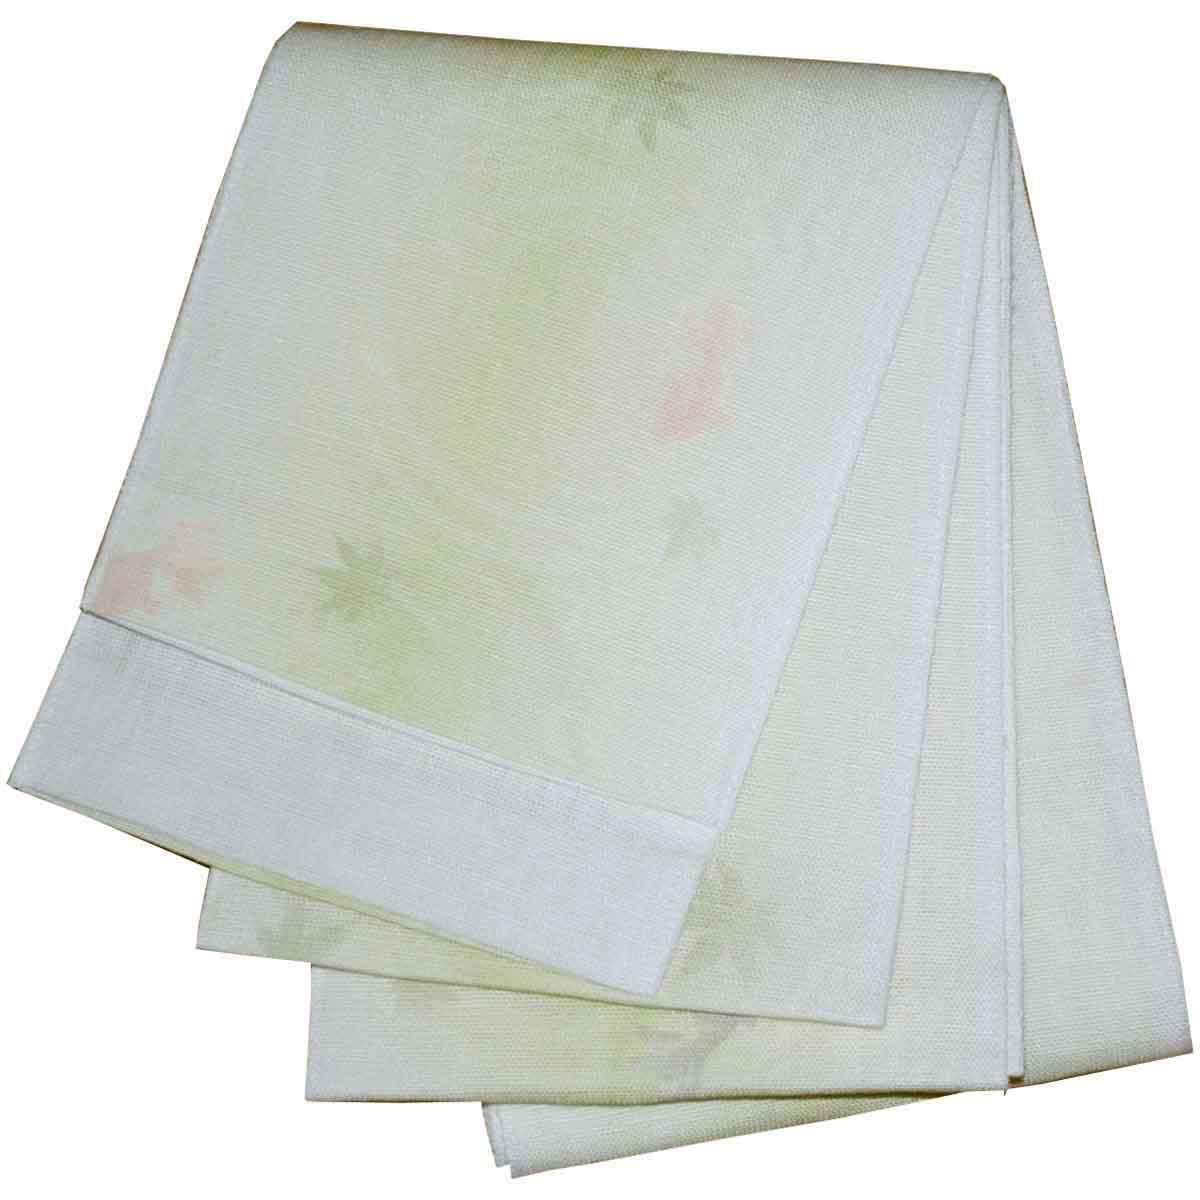 5%OFF クーポン 送料無料 日本製 本麻ボカシ 浴衣帯 半幅帯 半幅帯 小袋帯 金魚柄 黄緑 出店10周年記念